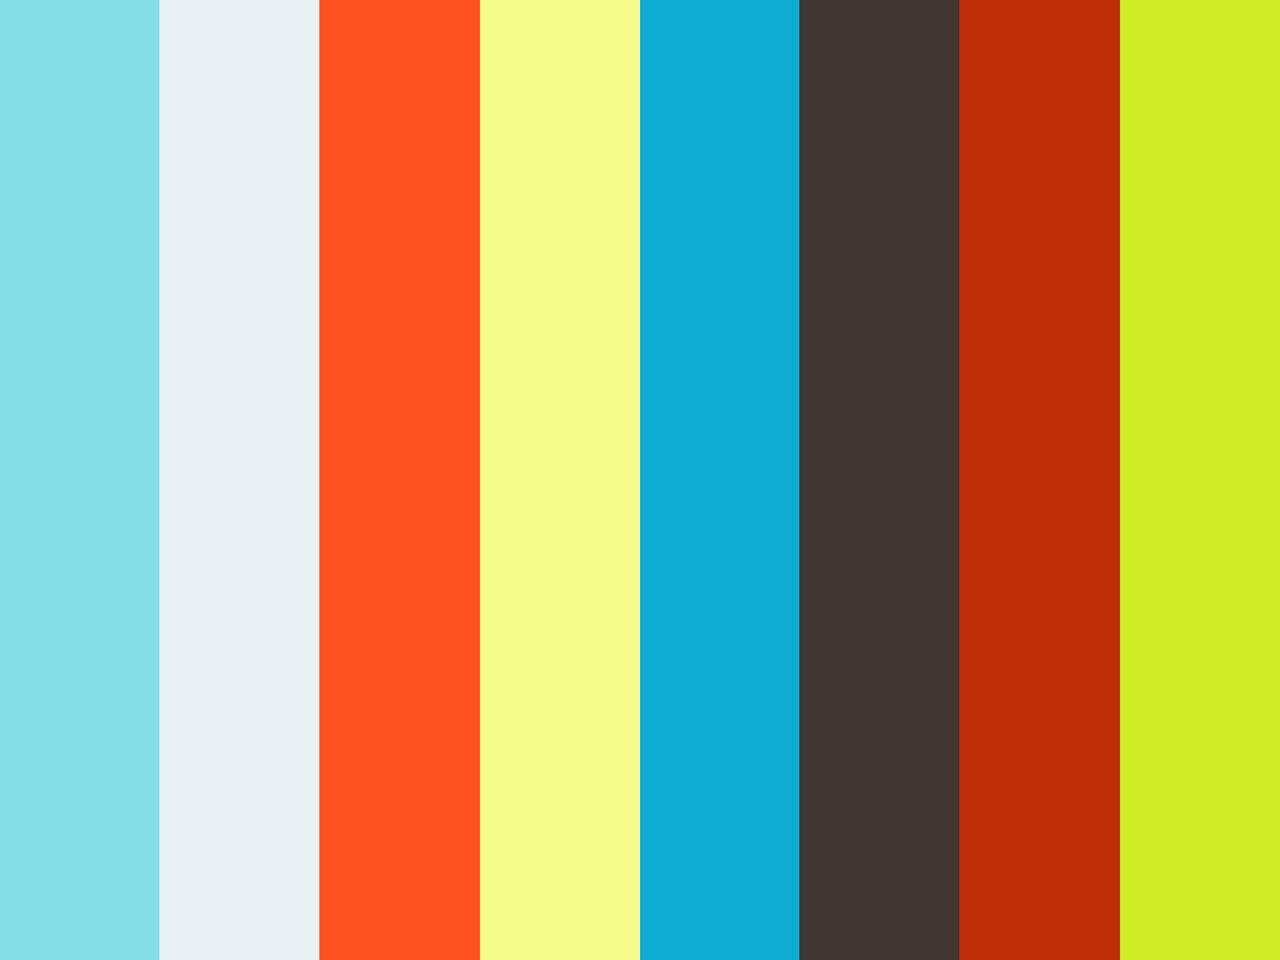 Rainbows vs hate